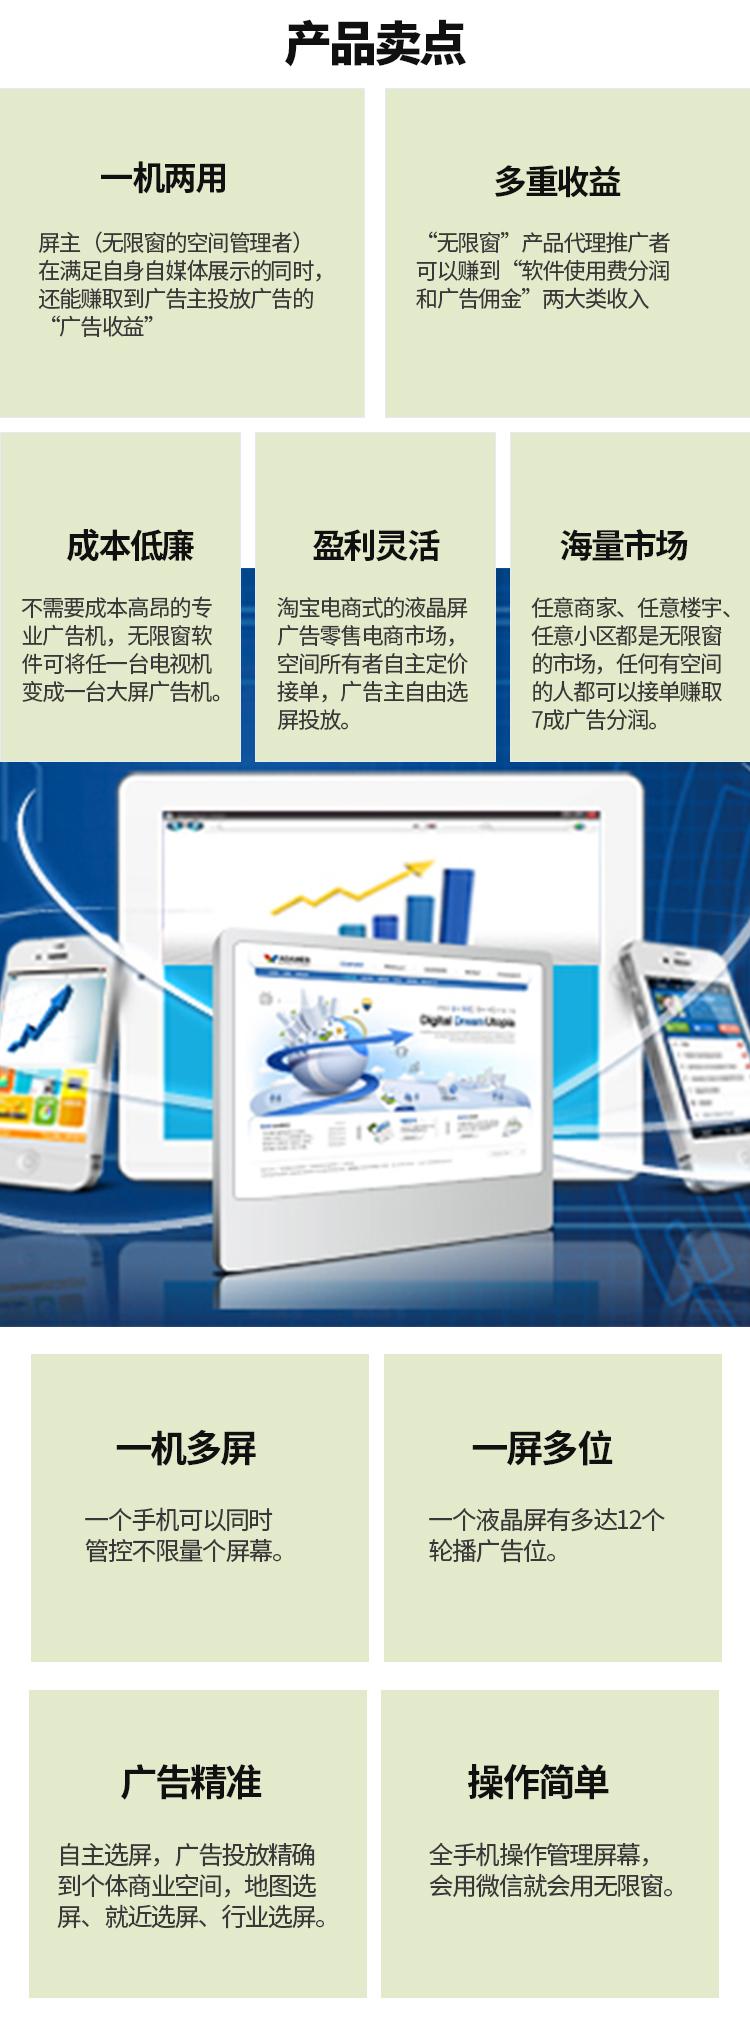 新奇特加盟-无限窗,一个手机管理的屏幕自媒体广告网-找加盟就上小宝招商